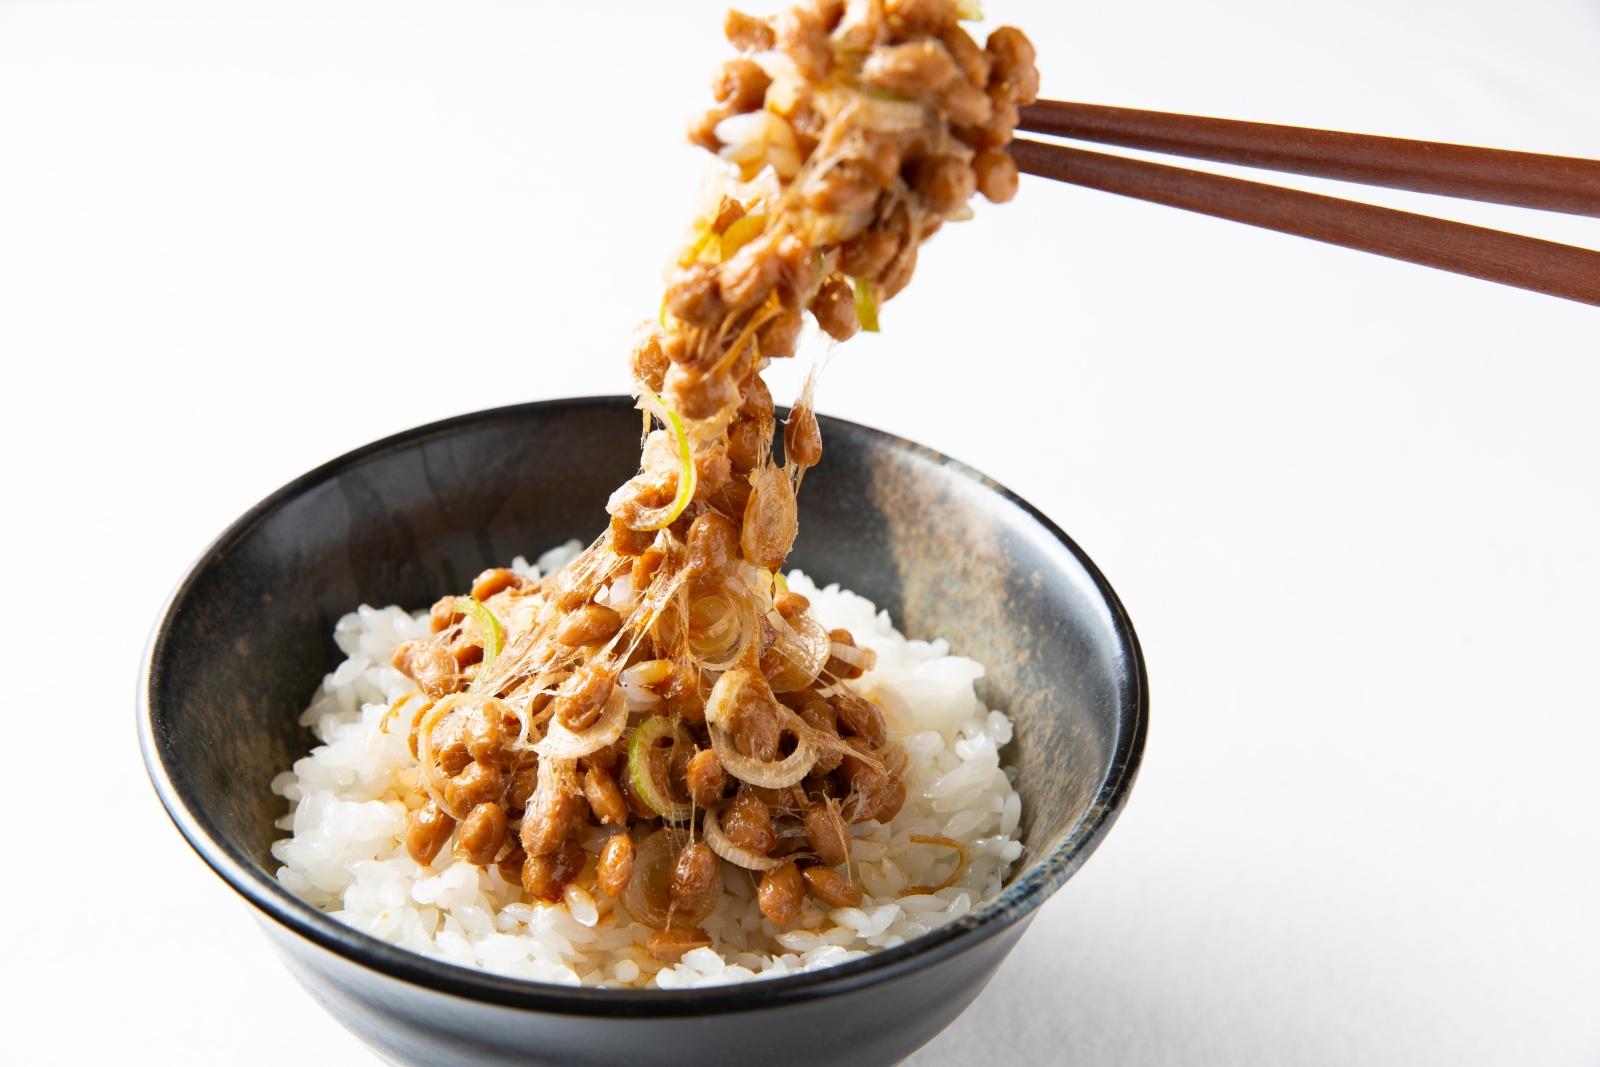 食品サンプルの納豆ごはん